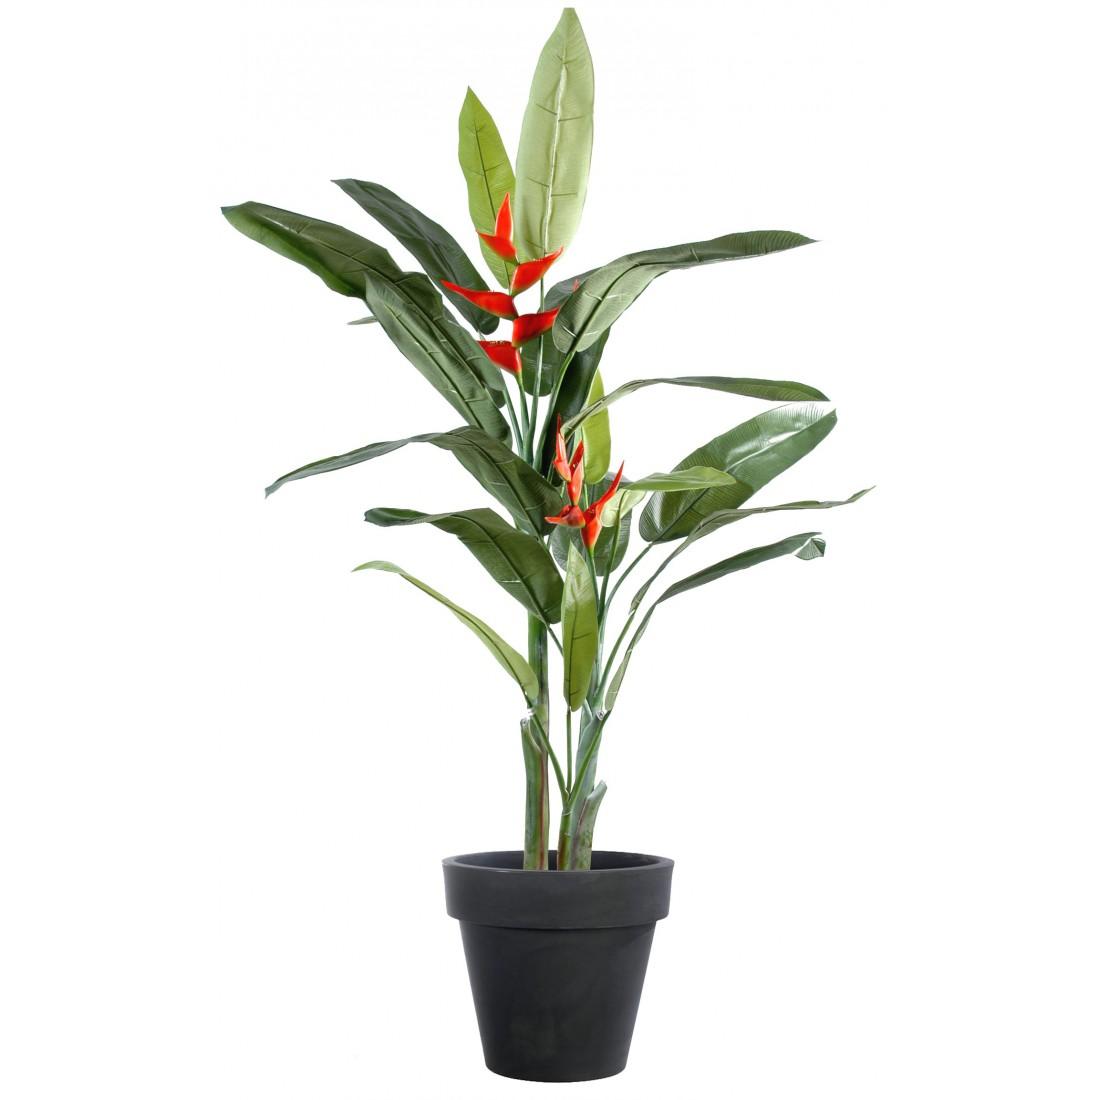 Heliconia artificiel 180 cm arbres exotiques reflets for Plantes artificielles lyon